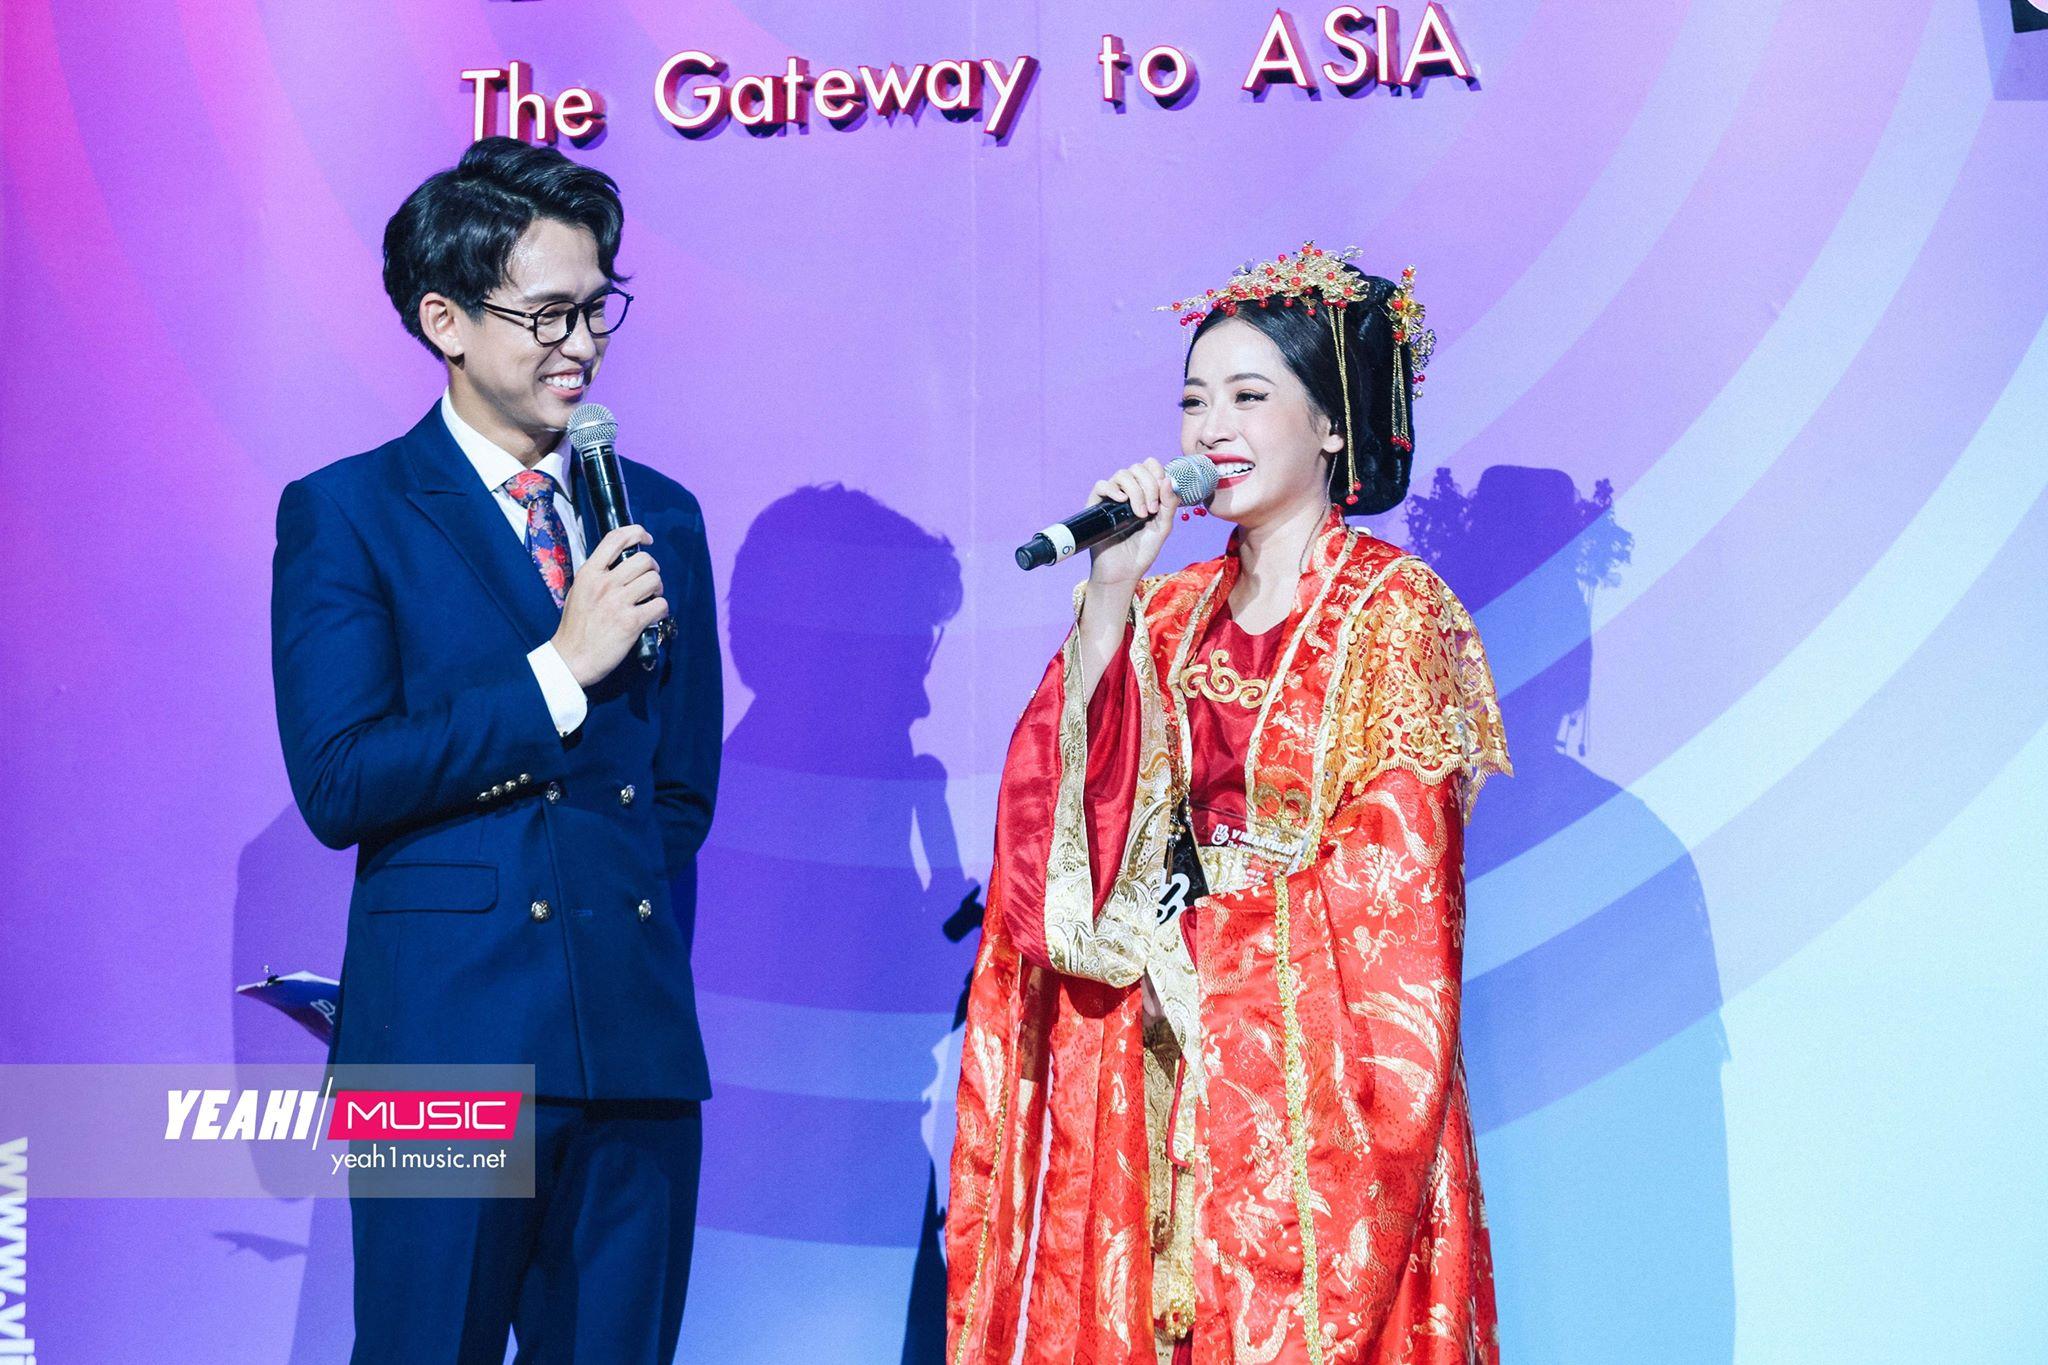 Chuyển hướng ballad, Anh ơi ở lại đạt 50 triệu view, giúp Chi Pu đạt giải thưởng lớn đầu tiên trong sự nghiệp ca hát